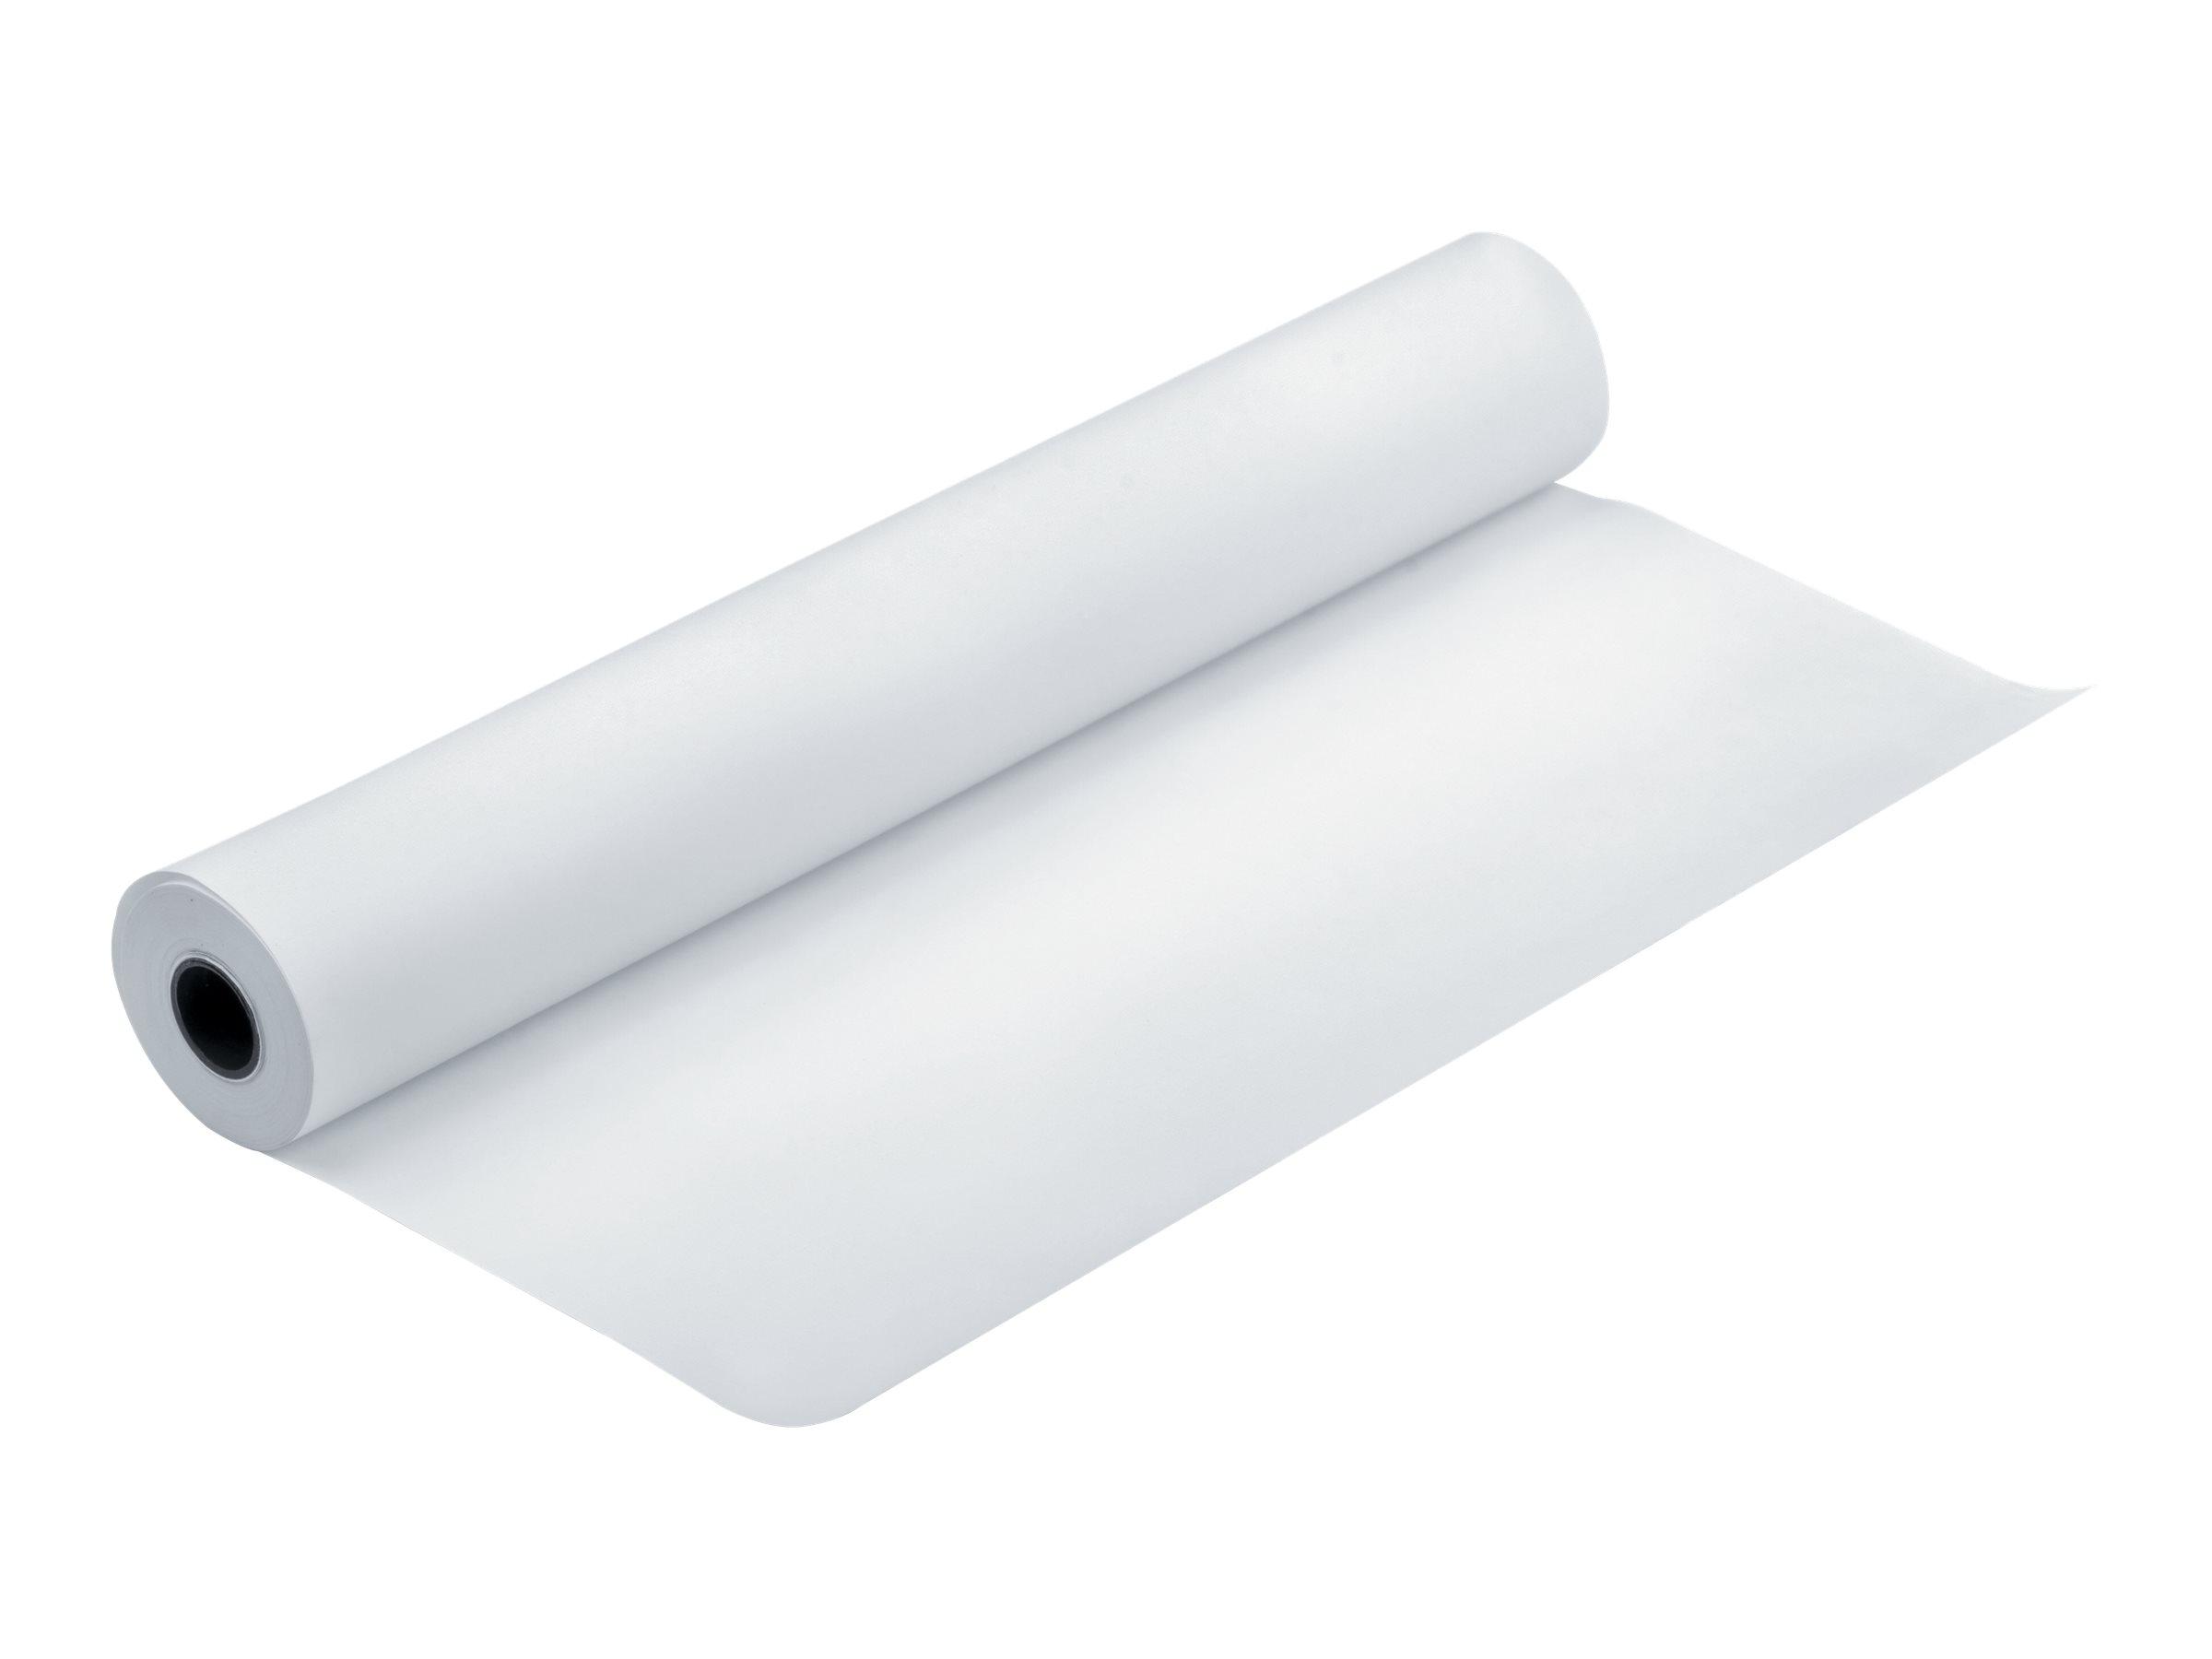 Epson Presentation Matte Paper - Matt - Rolle A1 (61,0 cm x 25 m) - 172 g/m² - 1 Rolle(n) Papier - für SureColor SC-P10000, P200